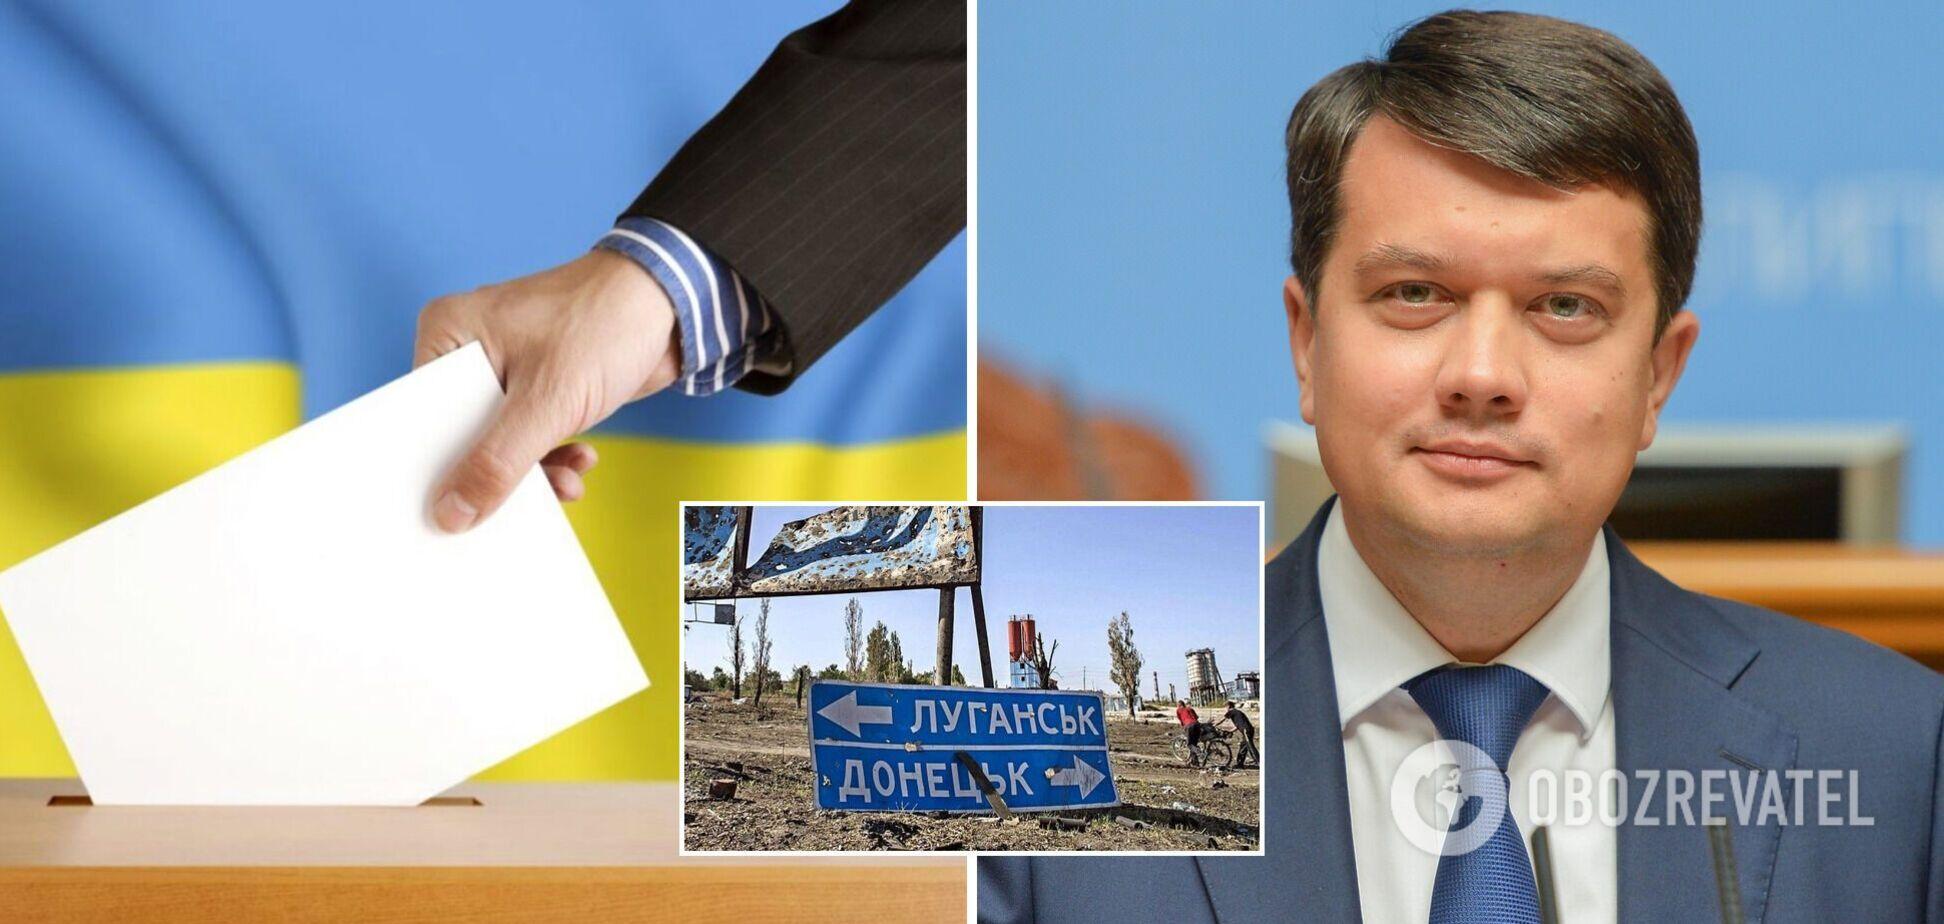 Референдуму про відмову від Донбасу не буде, а олігархи втрачають вплив: головне із заяв Разумкова